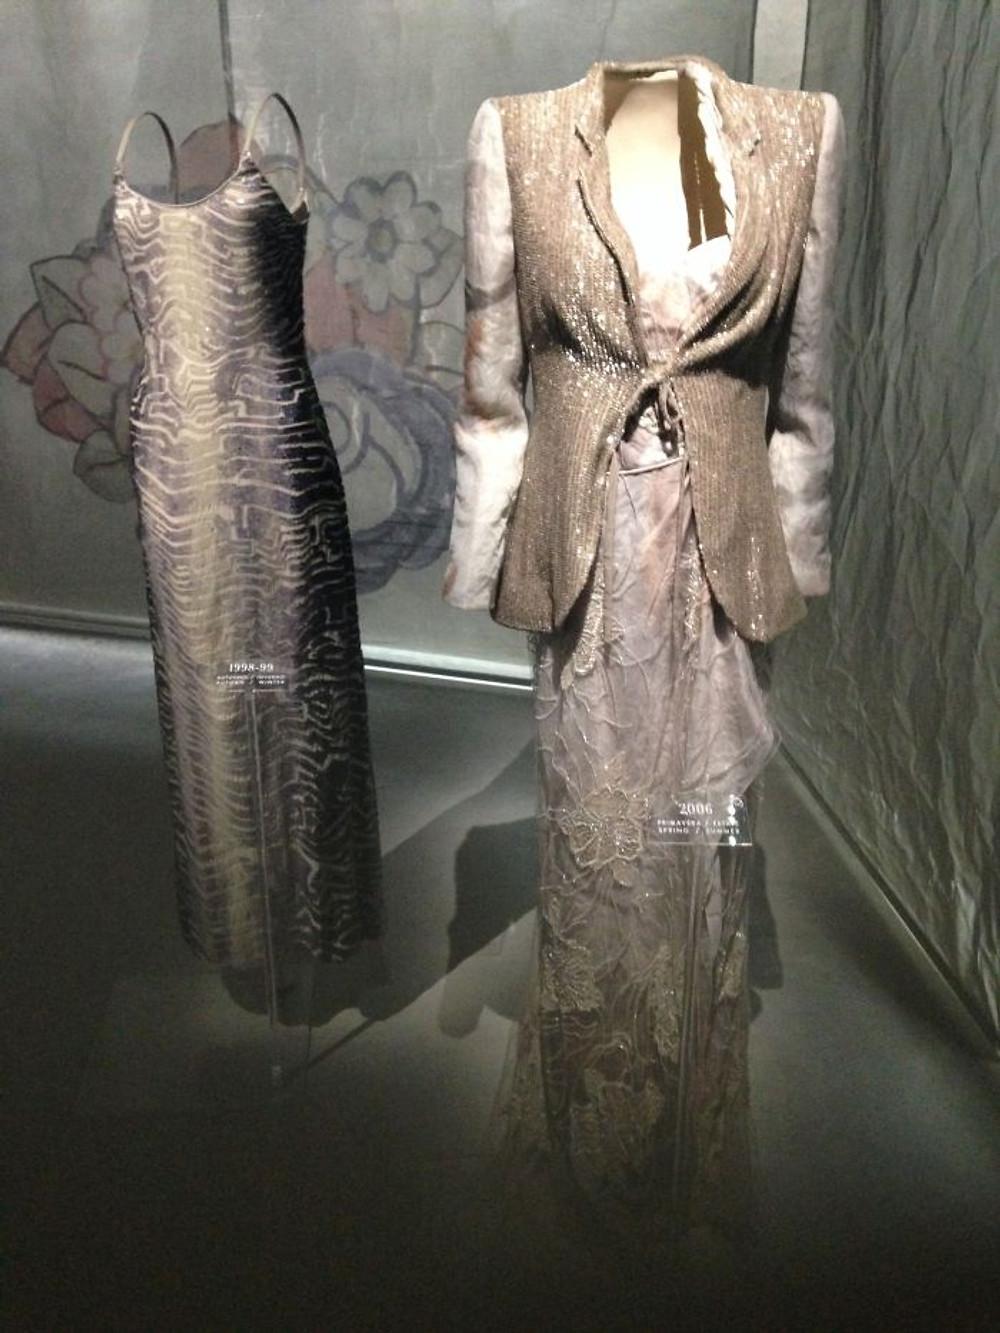 exhibition-armani40-atribute - 040